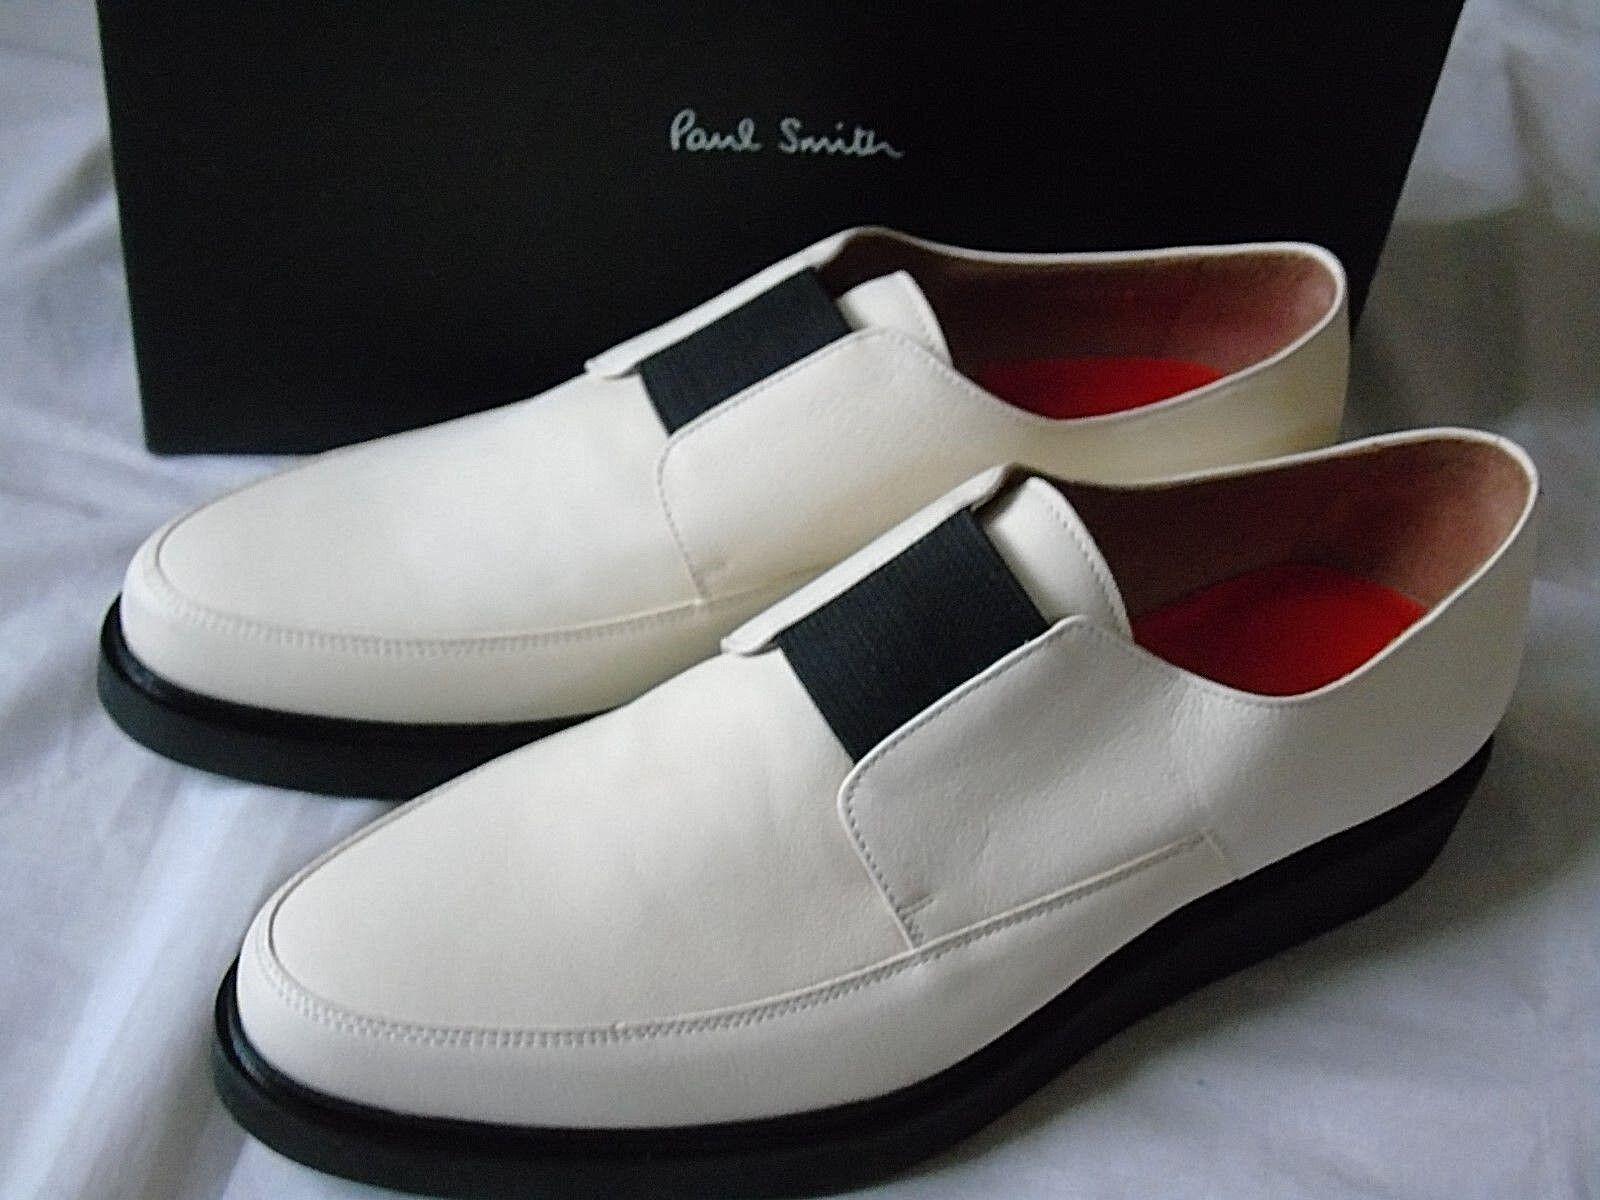 PAUL SMITH SMART LEATHER DESIGNER IVORY LEATHER SMART SLIP -ON Schuhe UK 10 (EU 44) US 11 ac4205